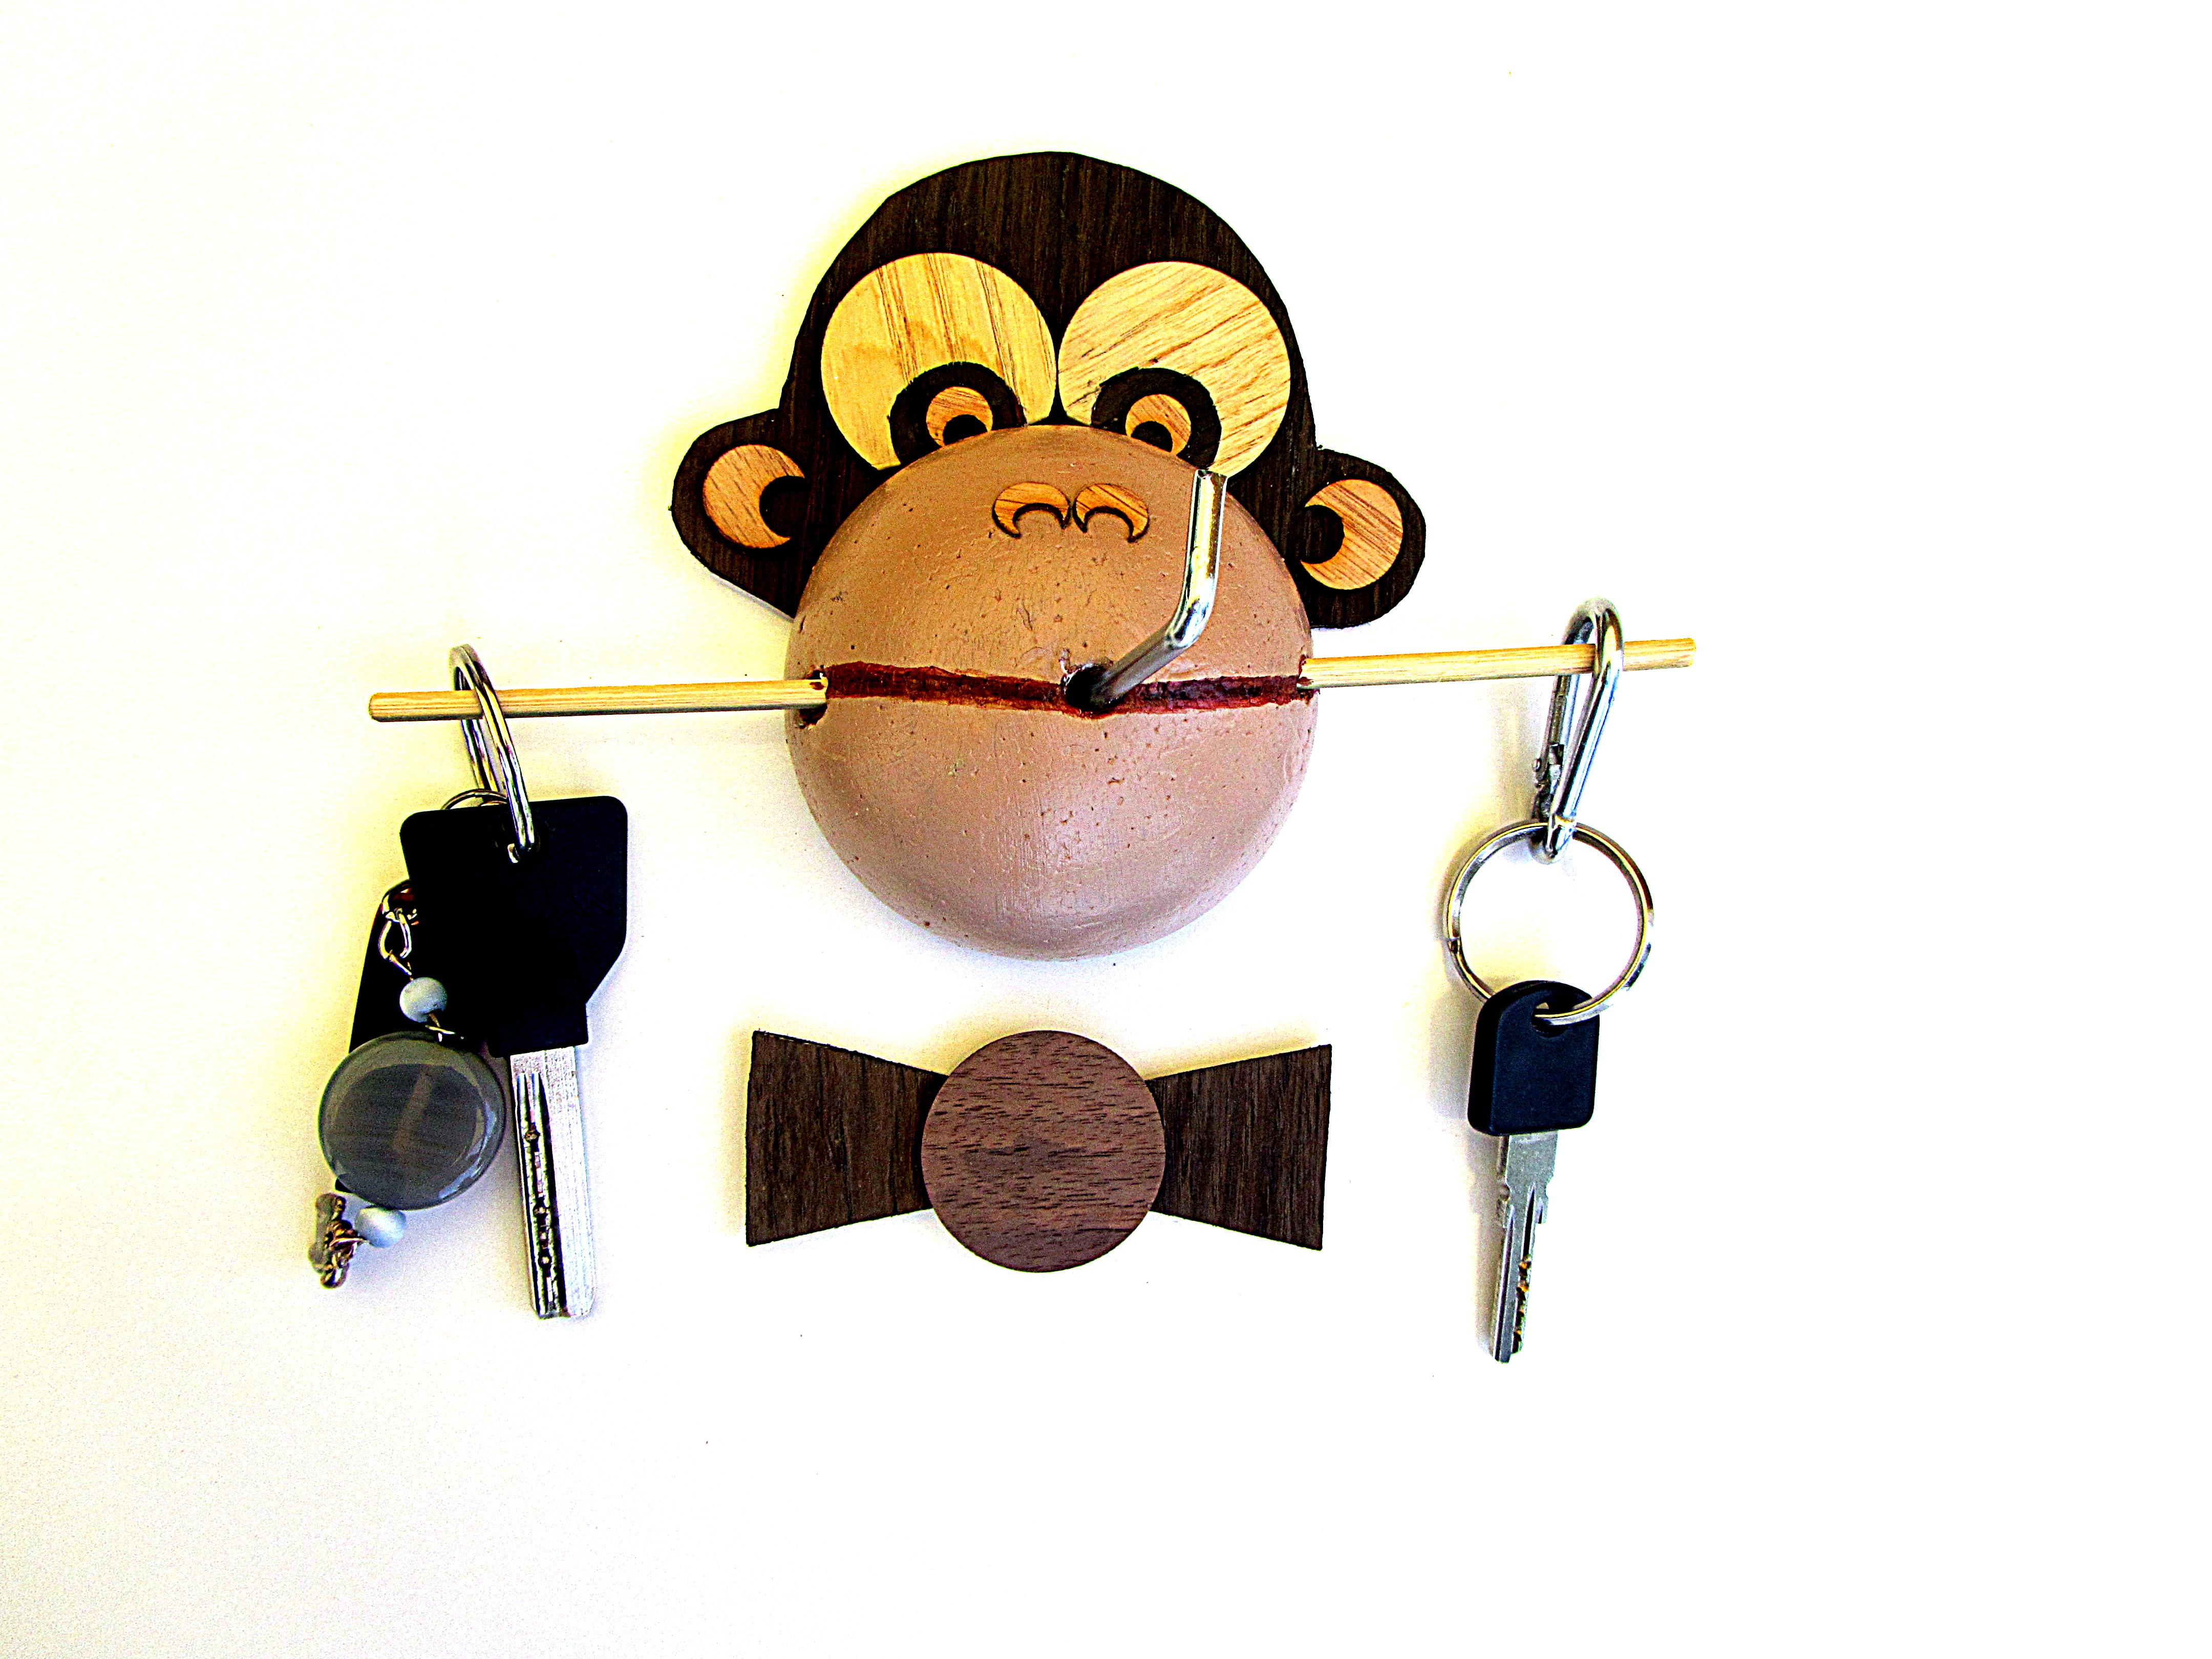 Hanger-Monkey -Funny handmade gift.